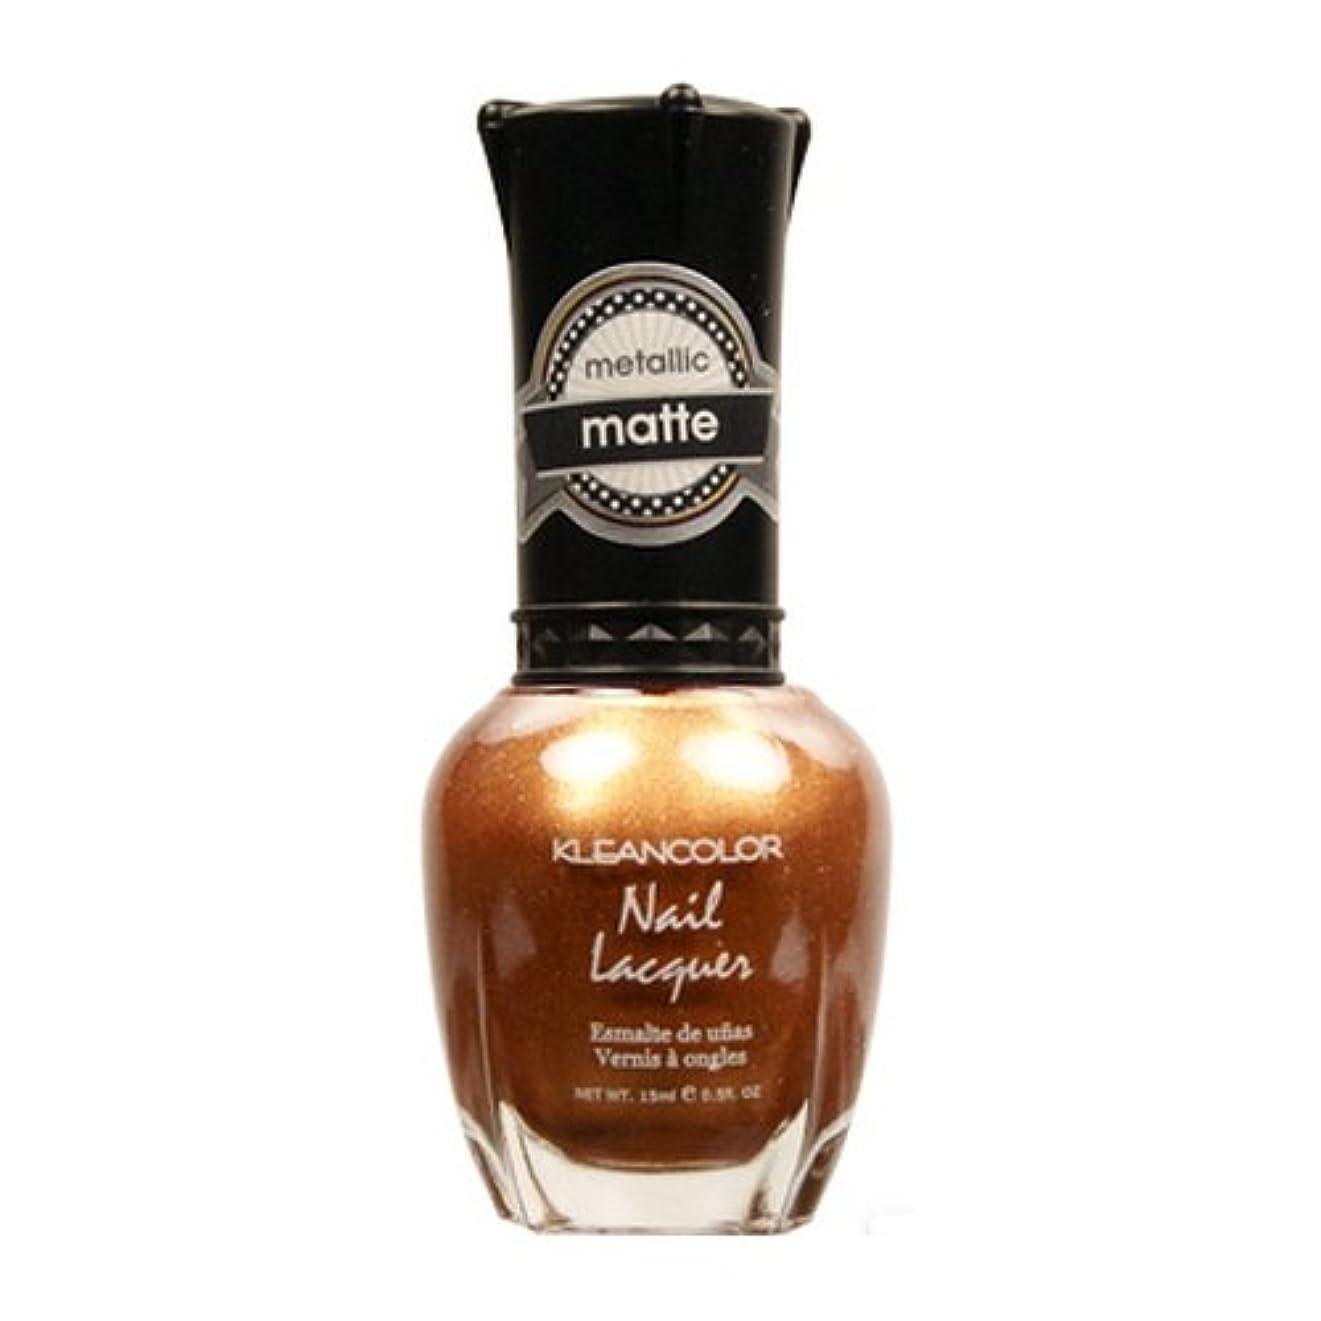 のぞき見アスペクトスクランブルKLEANCOLOR Matte Nail Lacquer - Life in Gold Castle (並行輸入品)